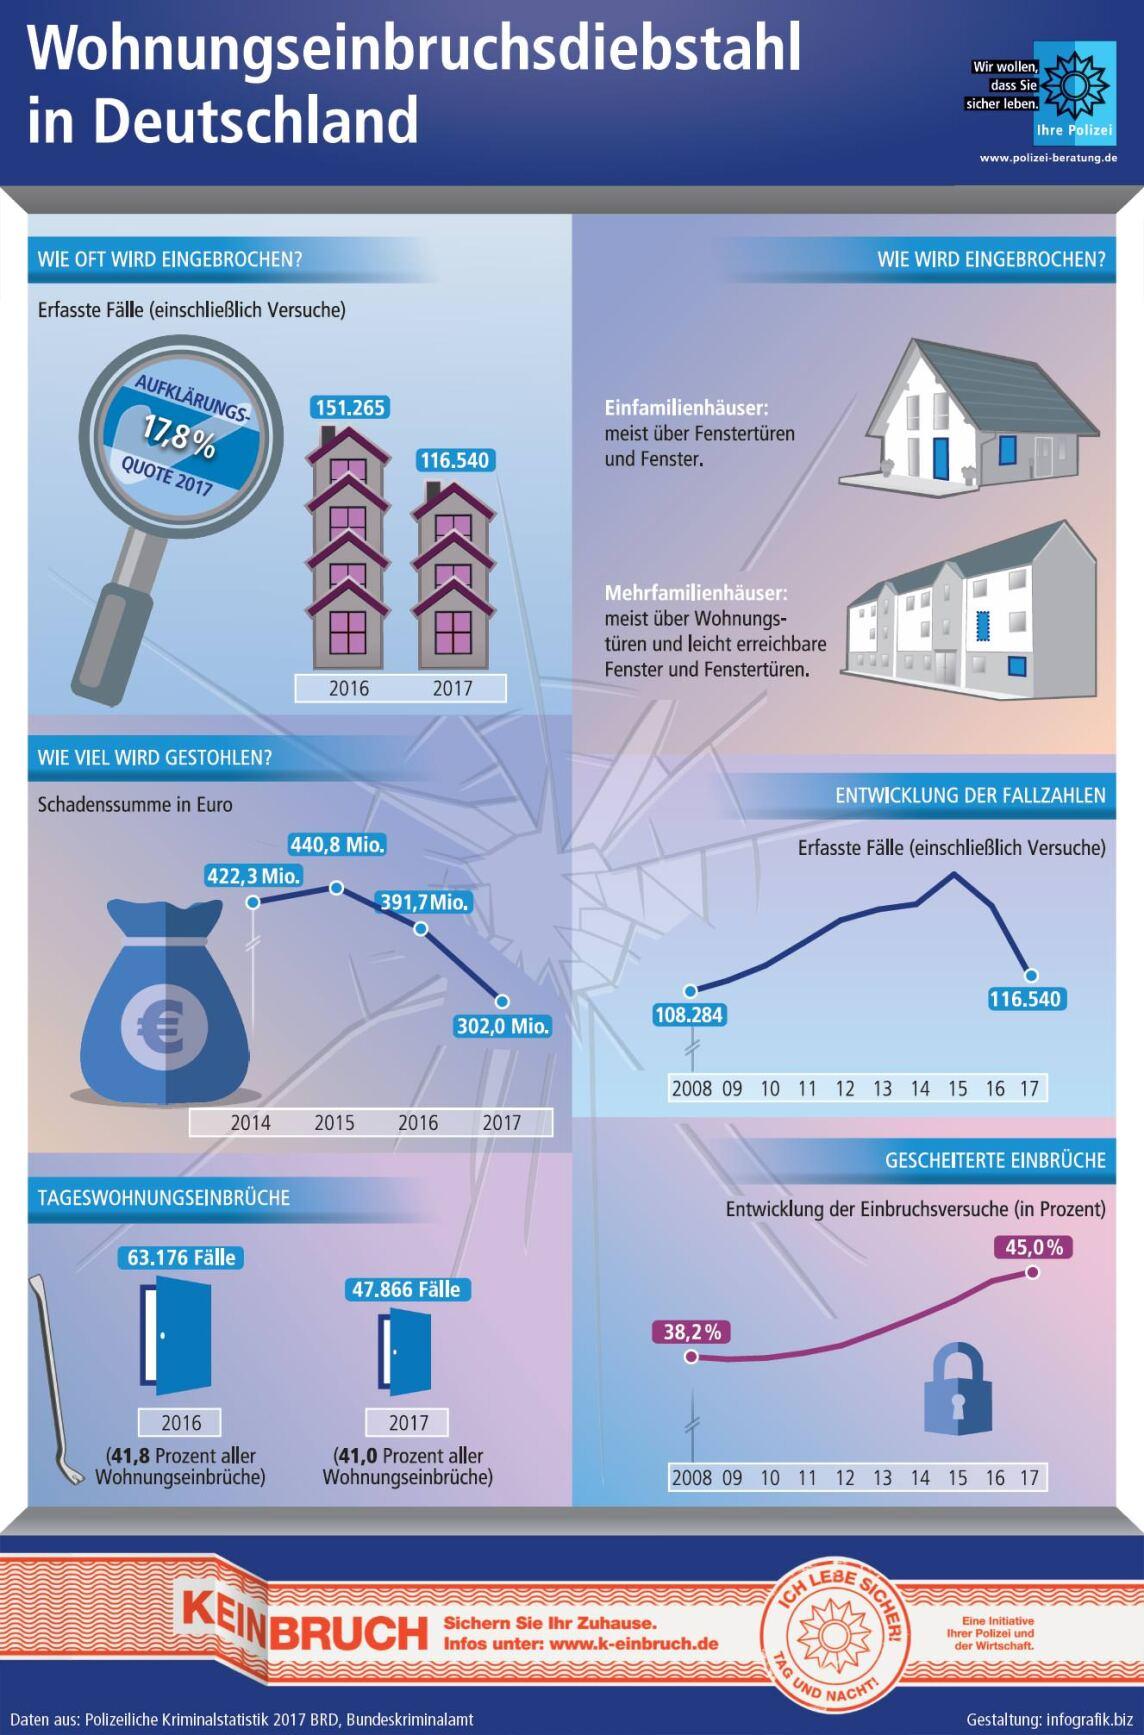 Polizeiliche Kriminalstatistik (PKS) 2017: 23% weniger Wohnungseinbrüche